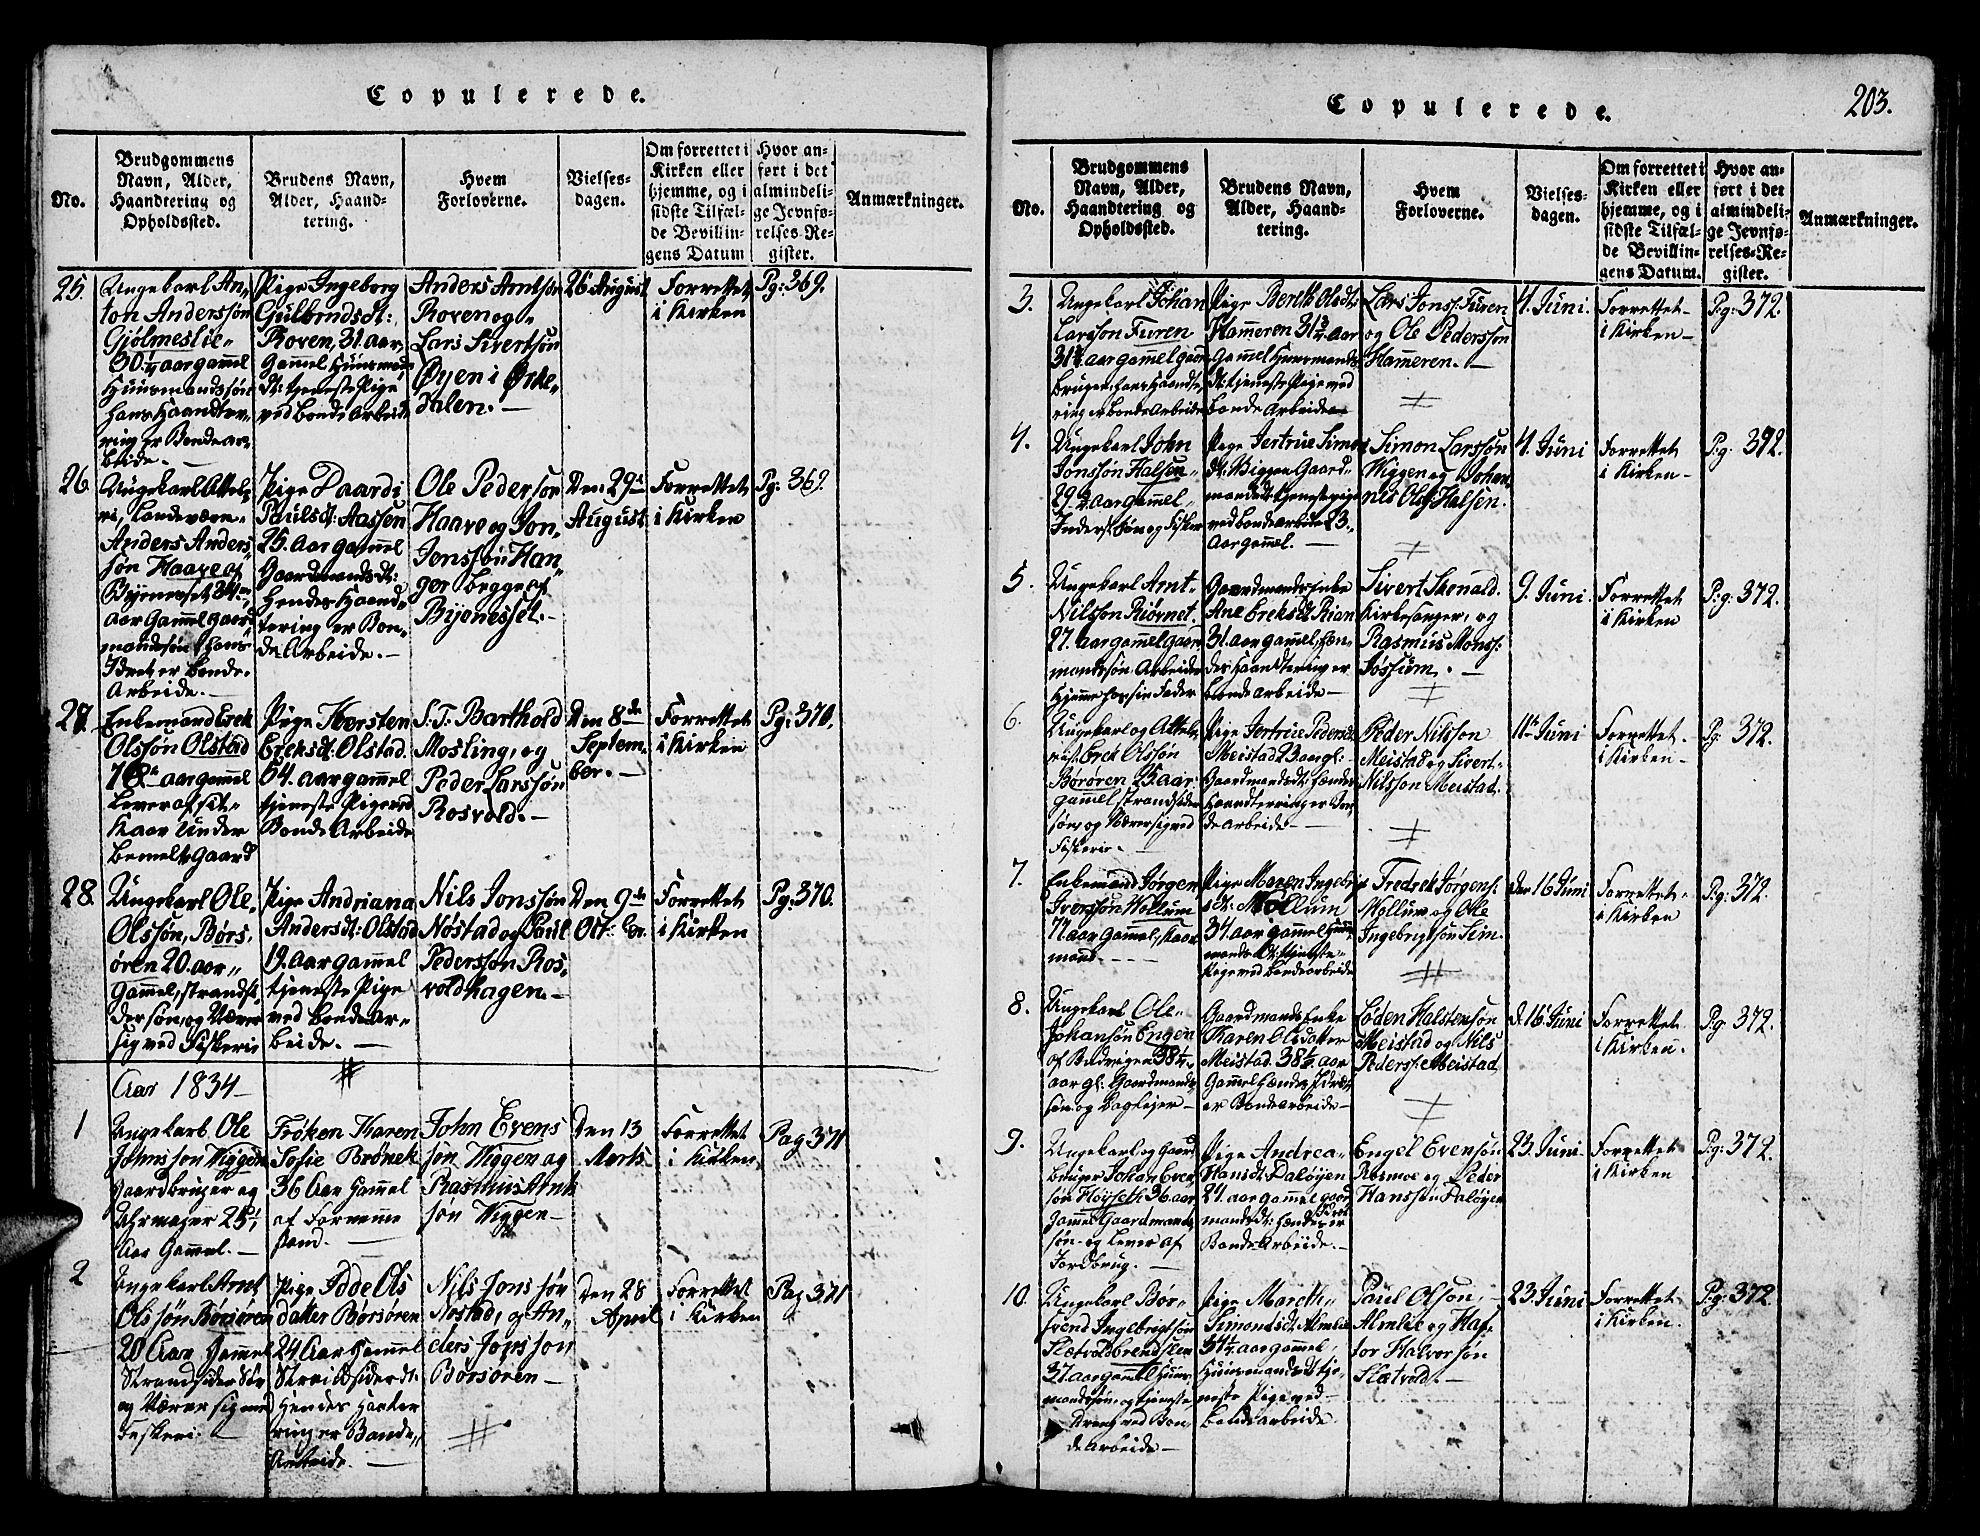 SAT, Ministerialprotokoller, klokkerbøker og fødselsregistre - Sør-Trøndelag, 665/L0776: Klokkerbok nr. 665C01, 1817-1837, s. 203